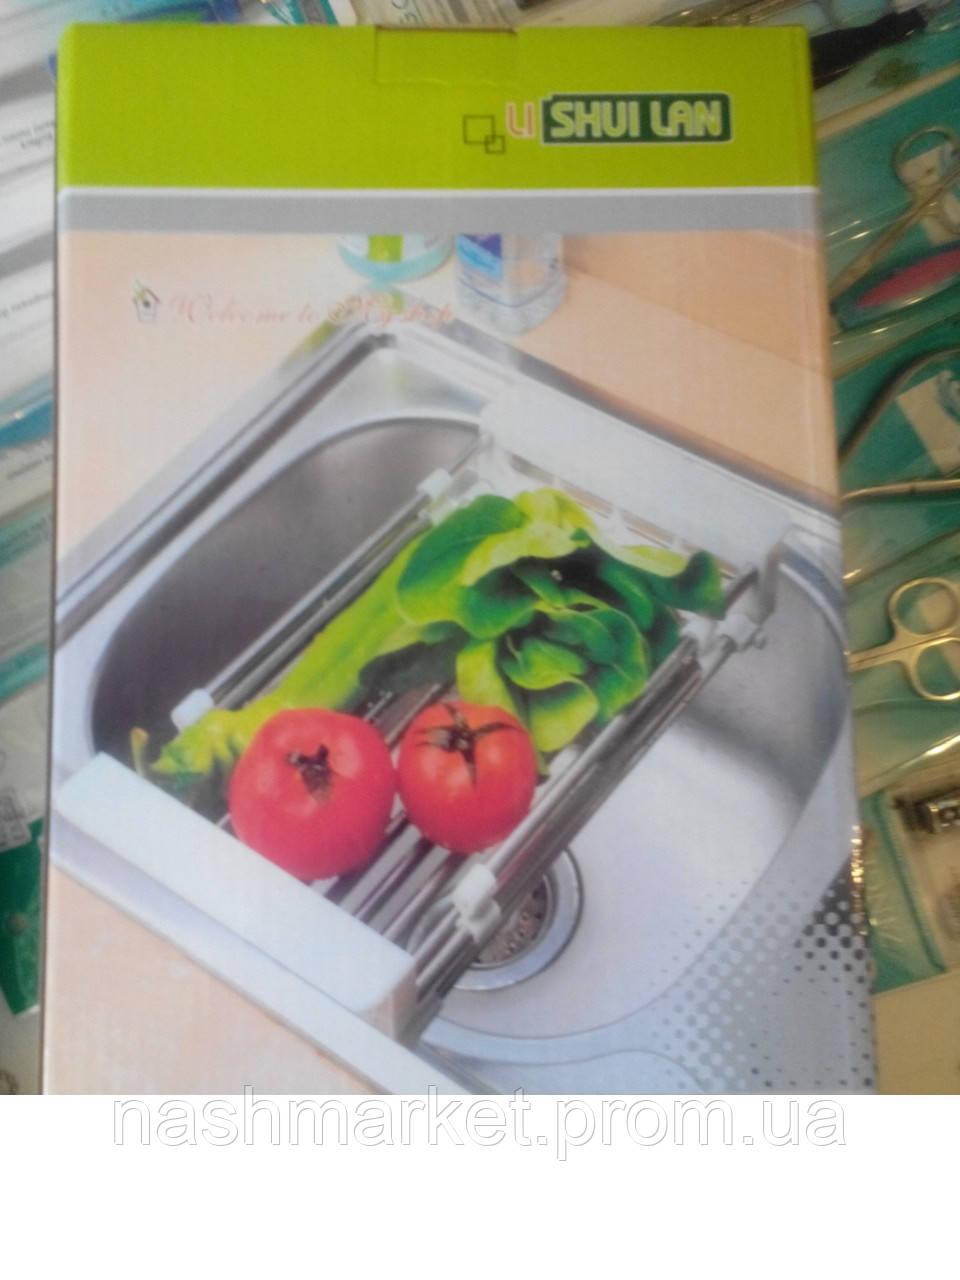 """Приспособление для мойки овощей и фруктов - ПП """"Наш Маркет"""" в Одессе"""